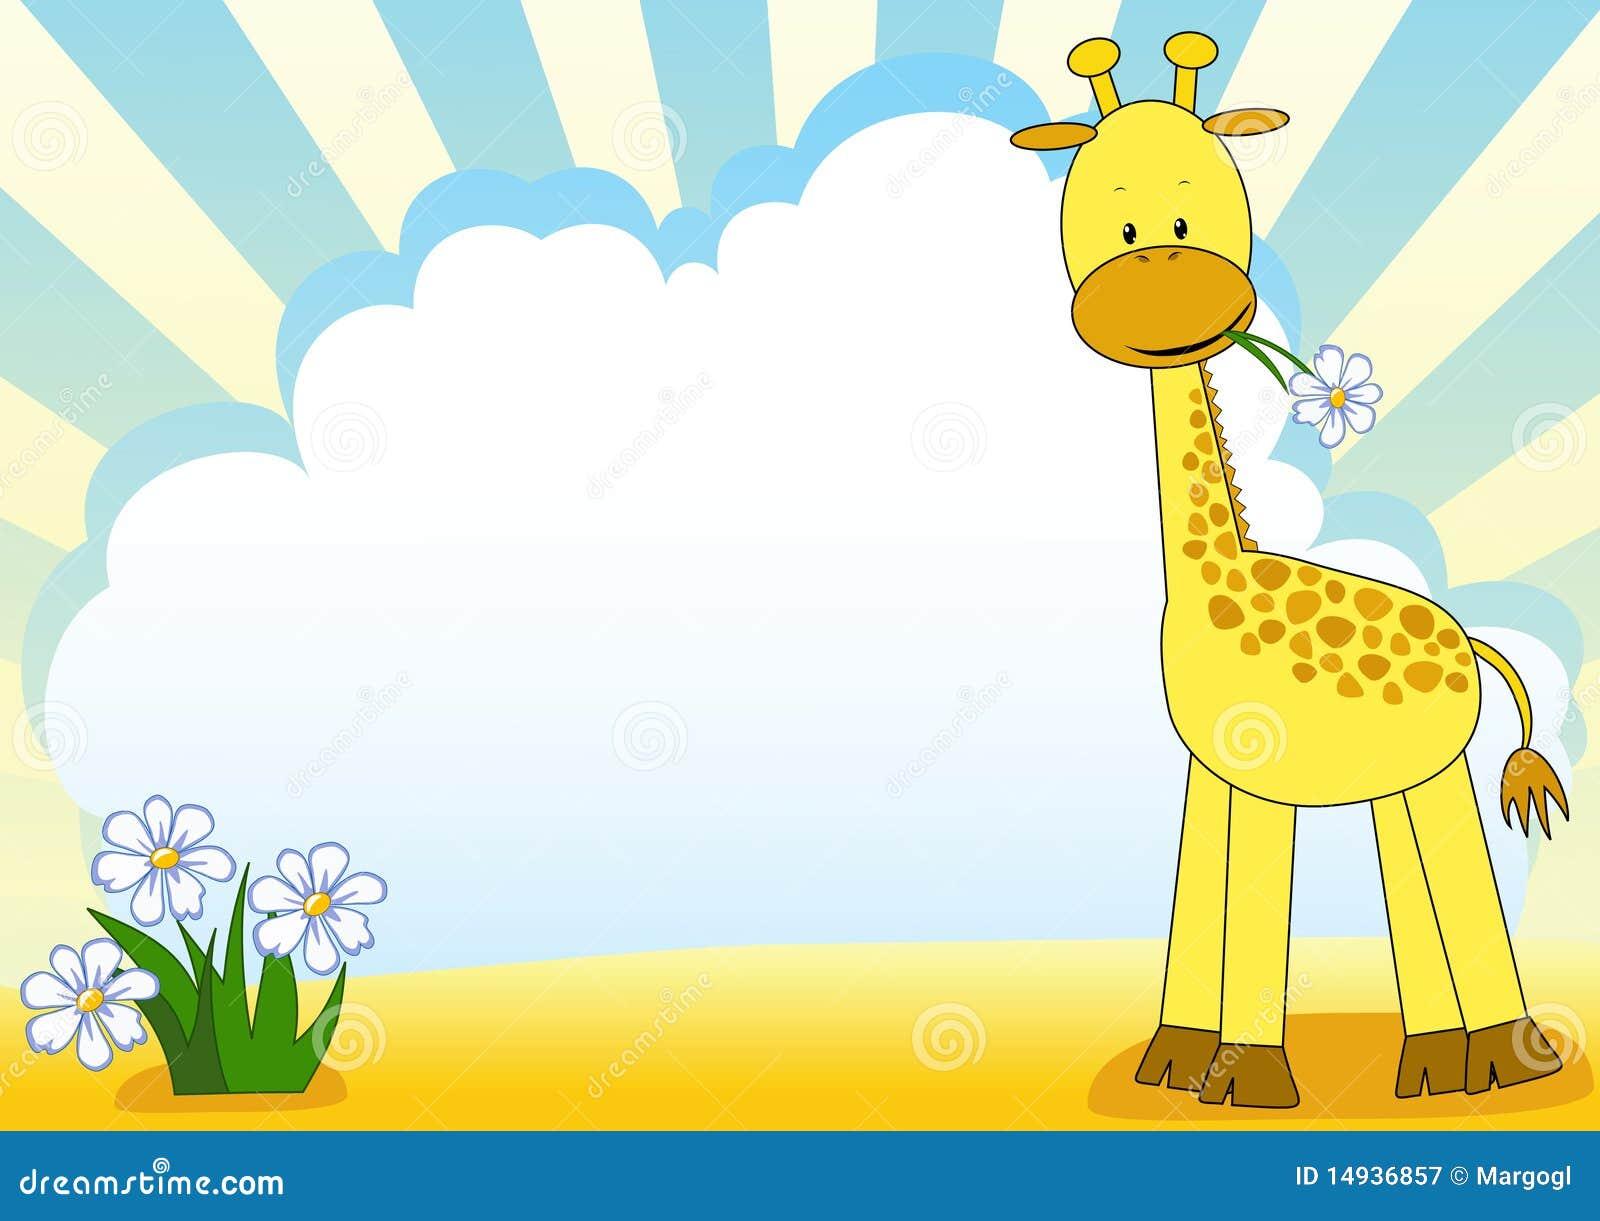 Baby giraffe and flower. stock vector. Illustration of ...